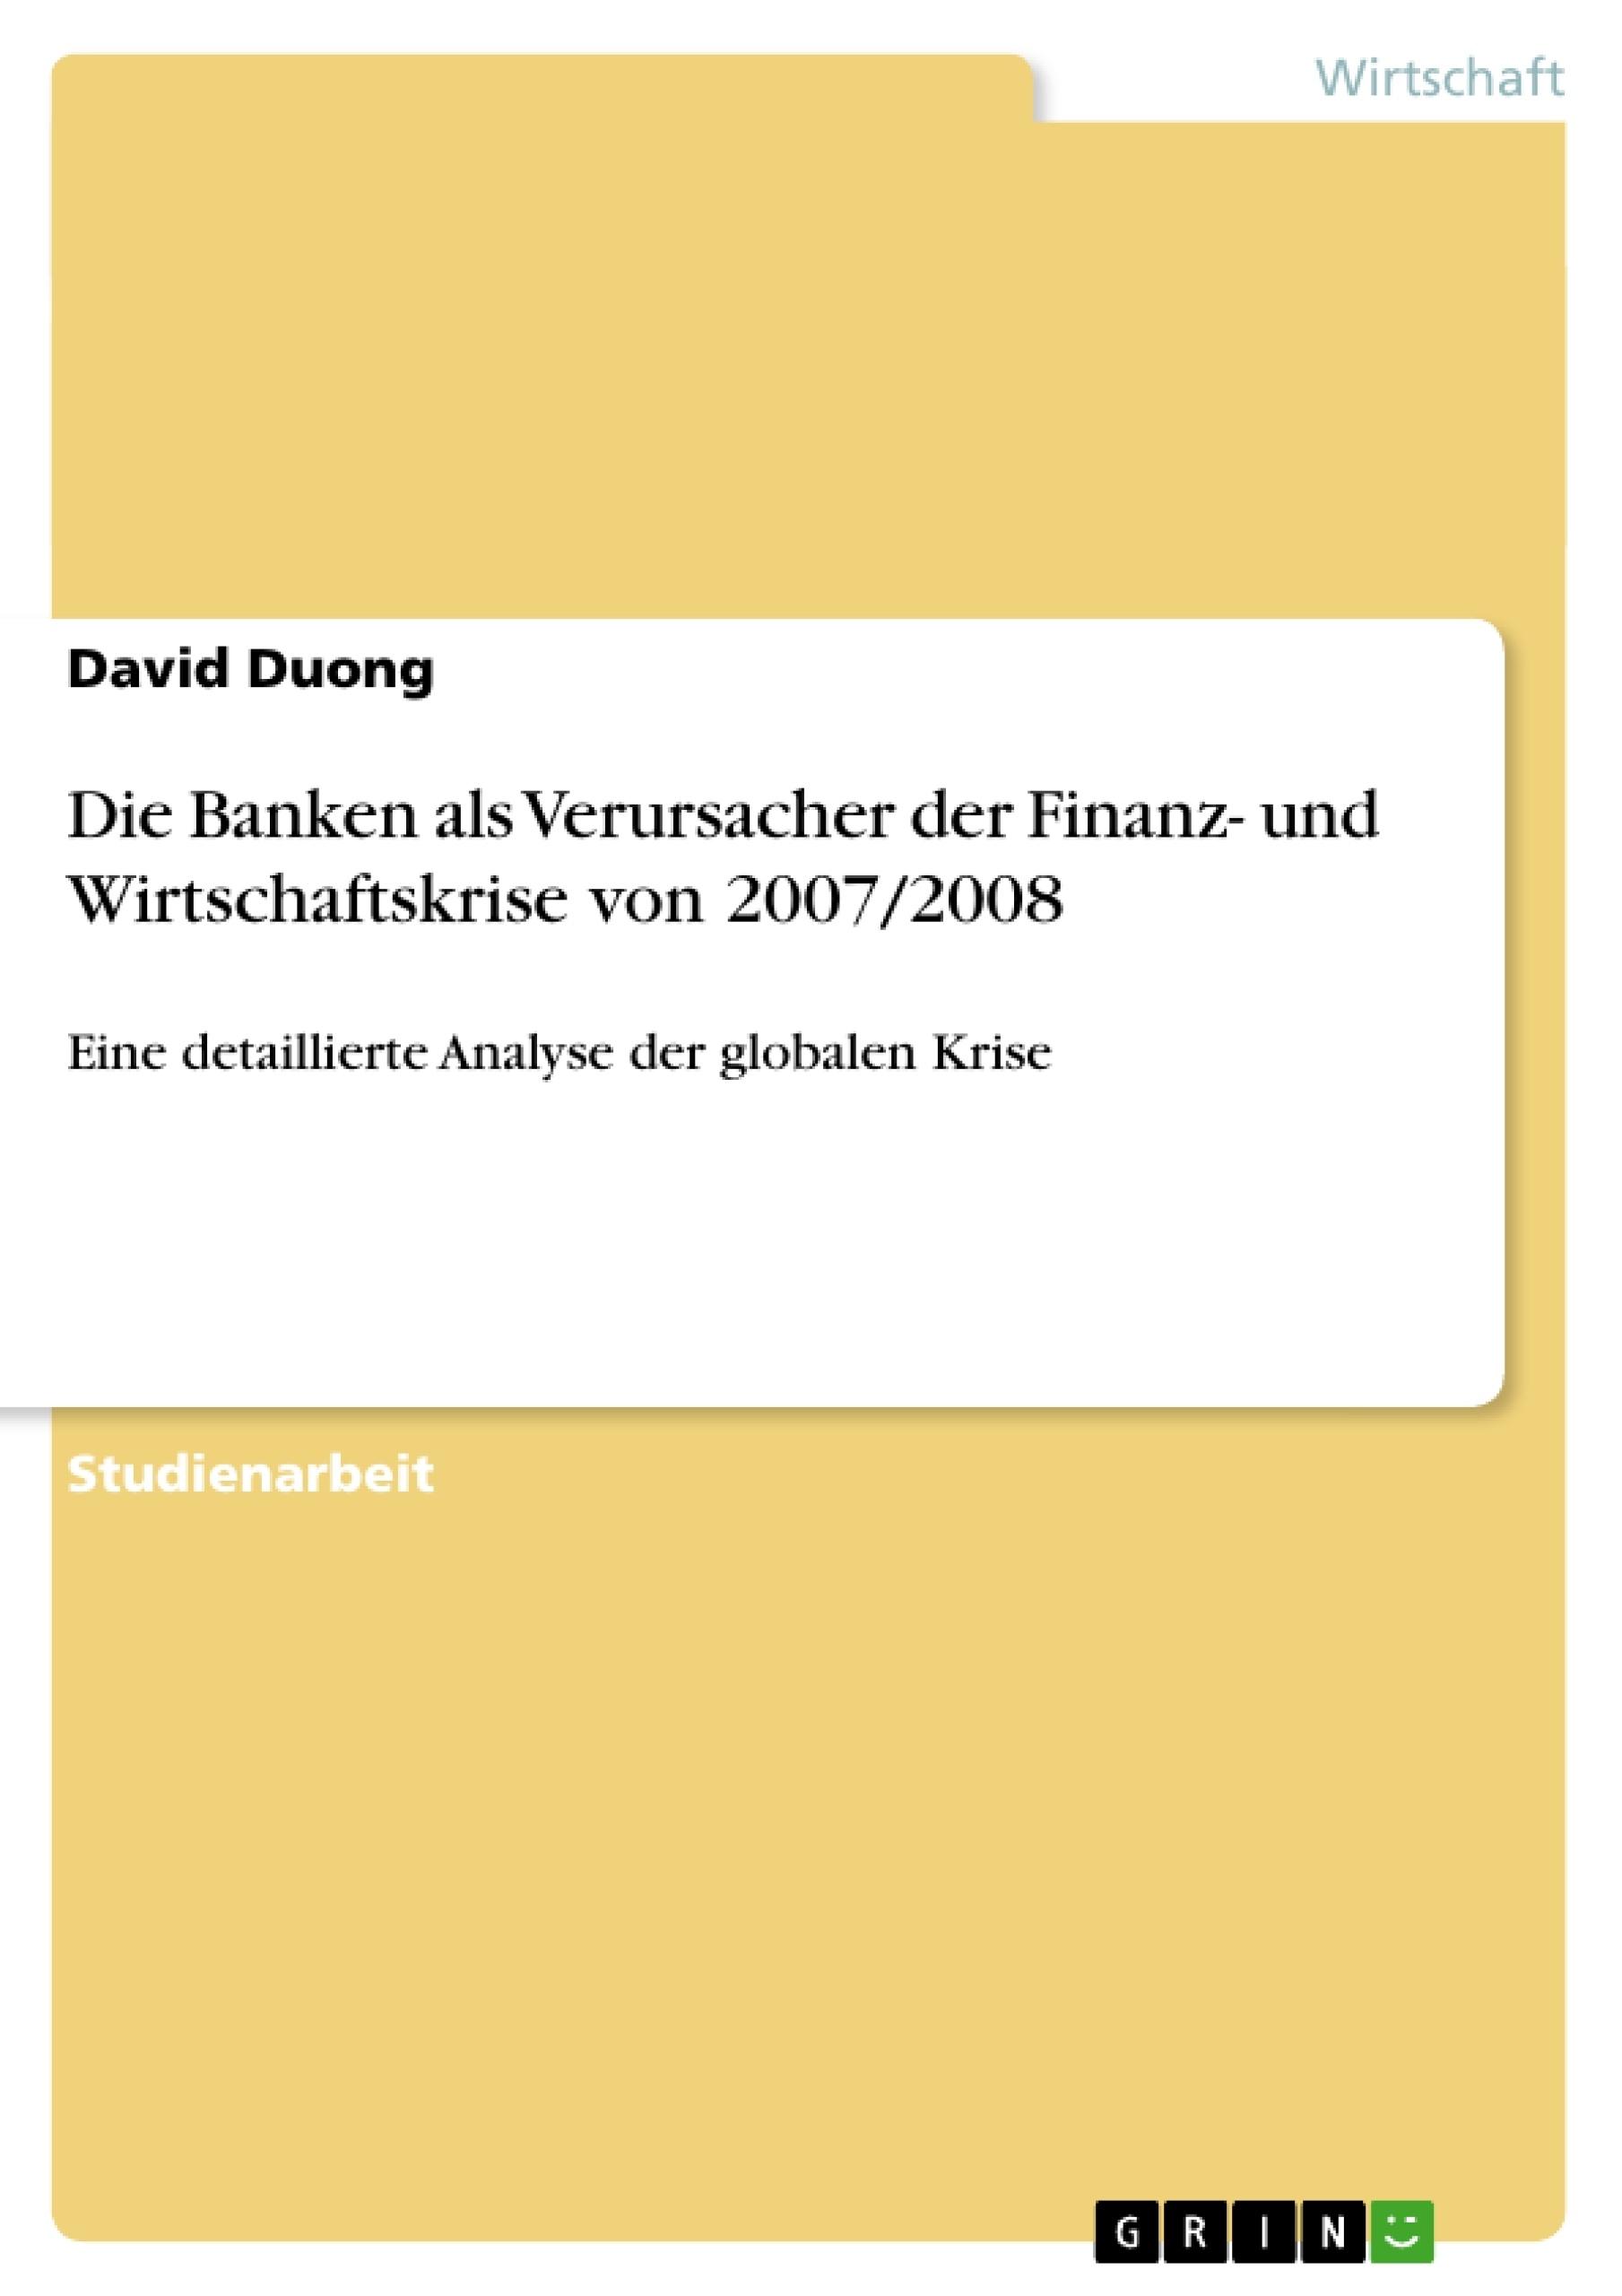 Titel: Die Banken als Verursacher der Finanz- und Wirtschaftskrise von 2007/2008